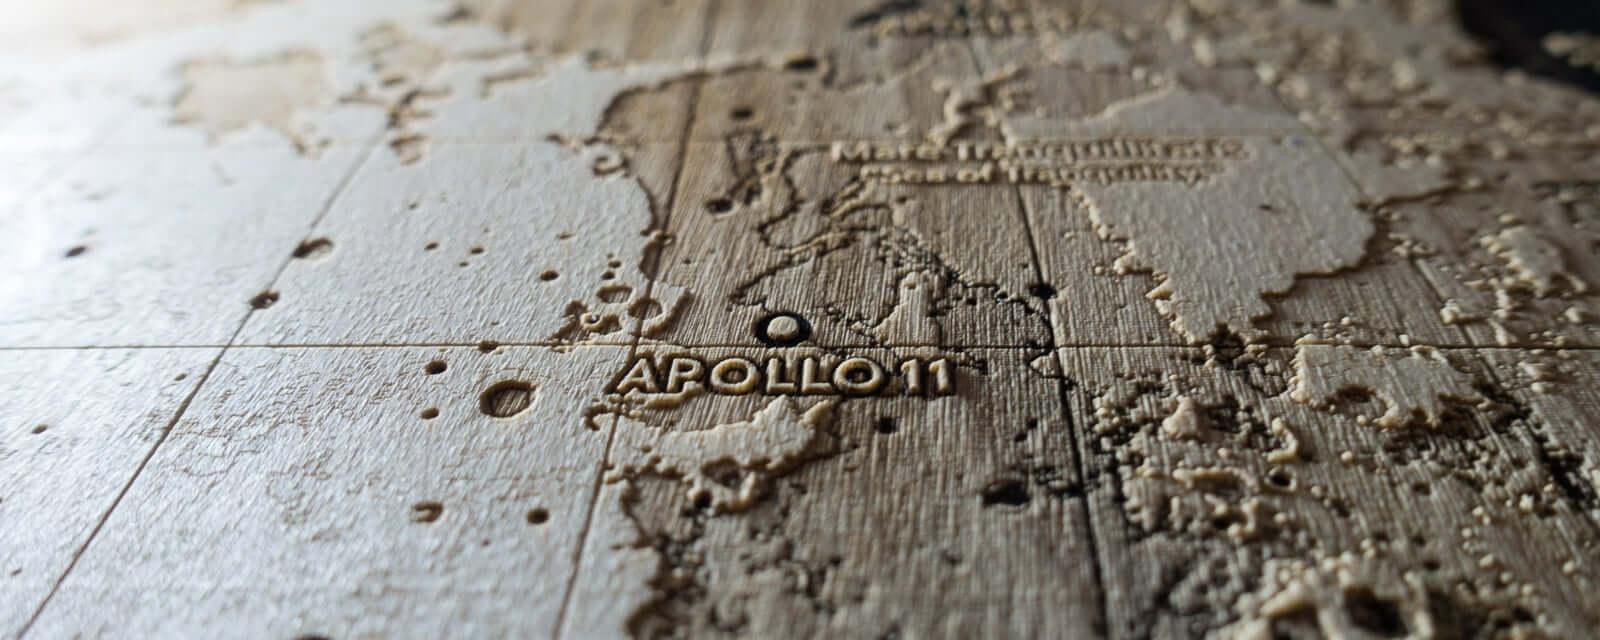 Topografische Karte von Mond mit der Landestelle der Apollo 11 Mission, Laser Gravur aus dem Laser Atelier in Zürich